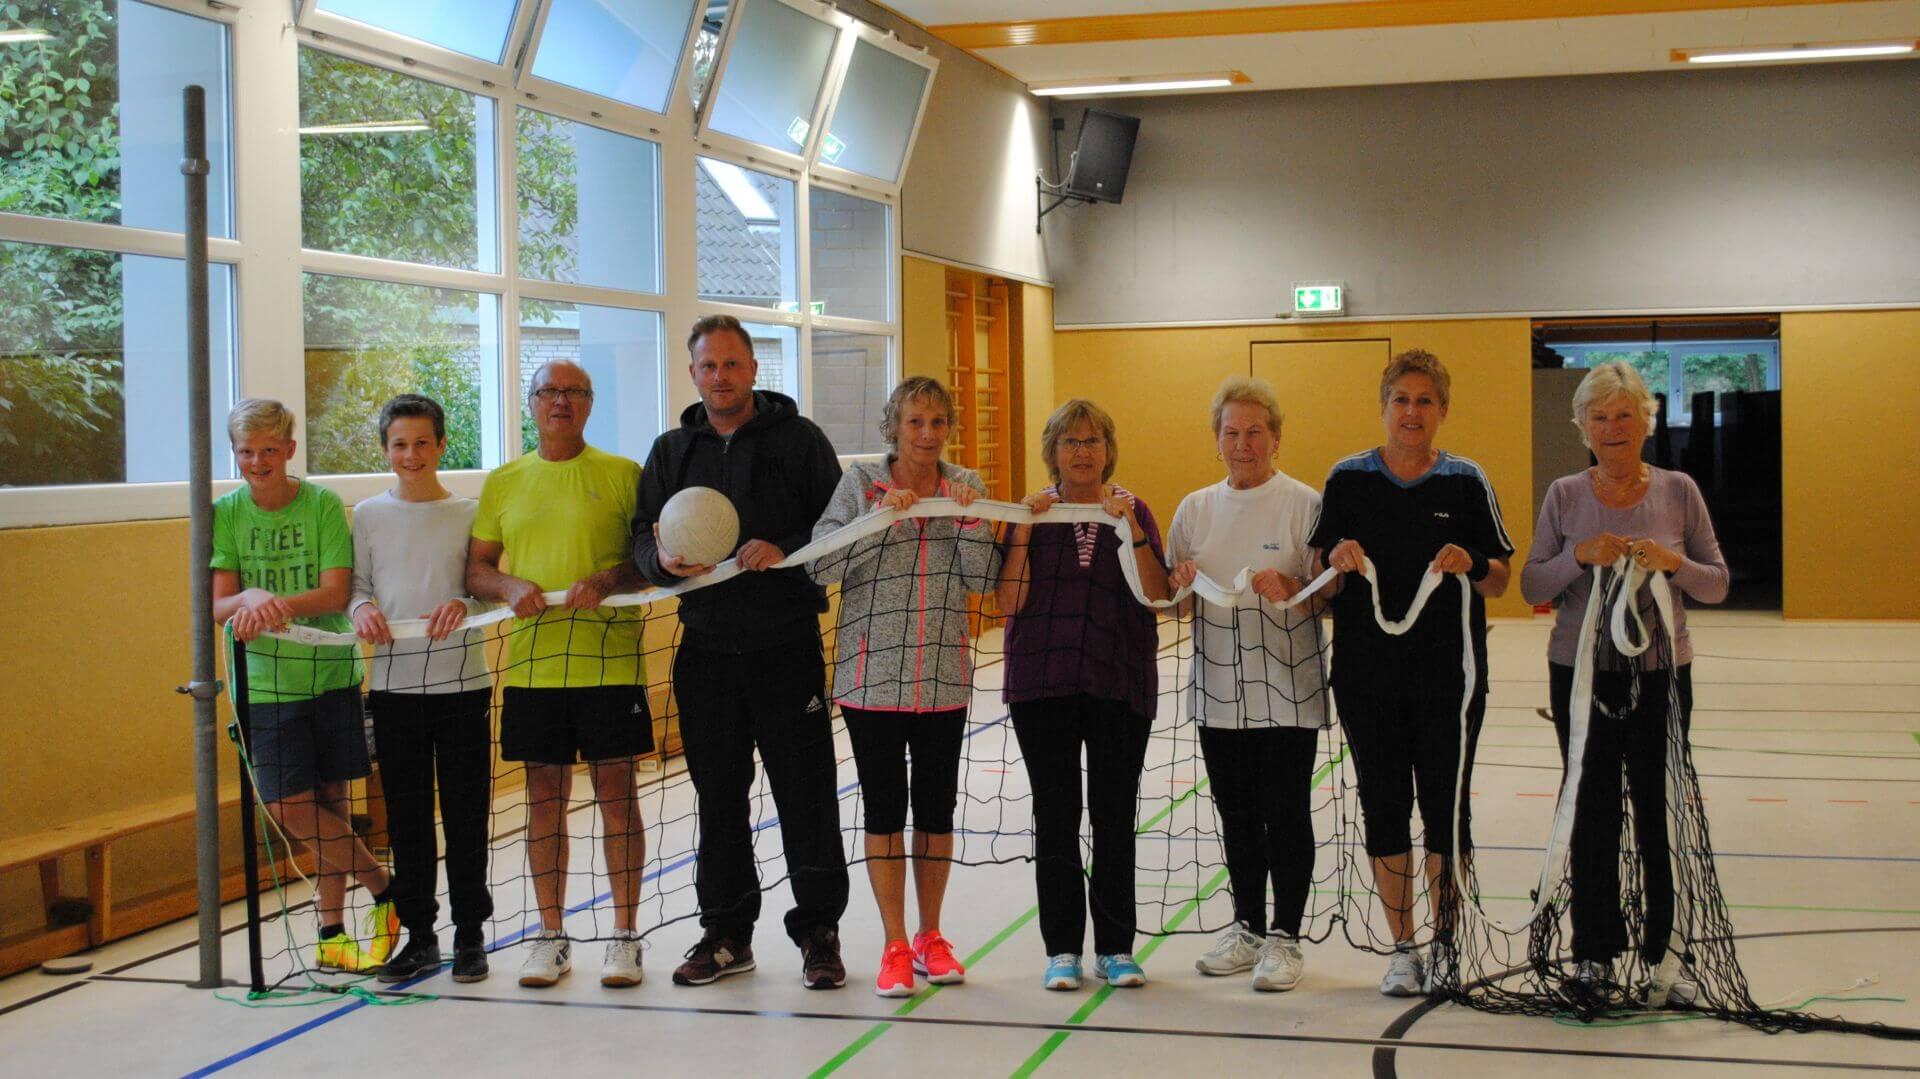 Volleyballgruppe mit neuem Ballnetz